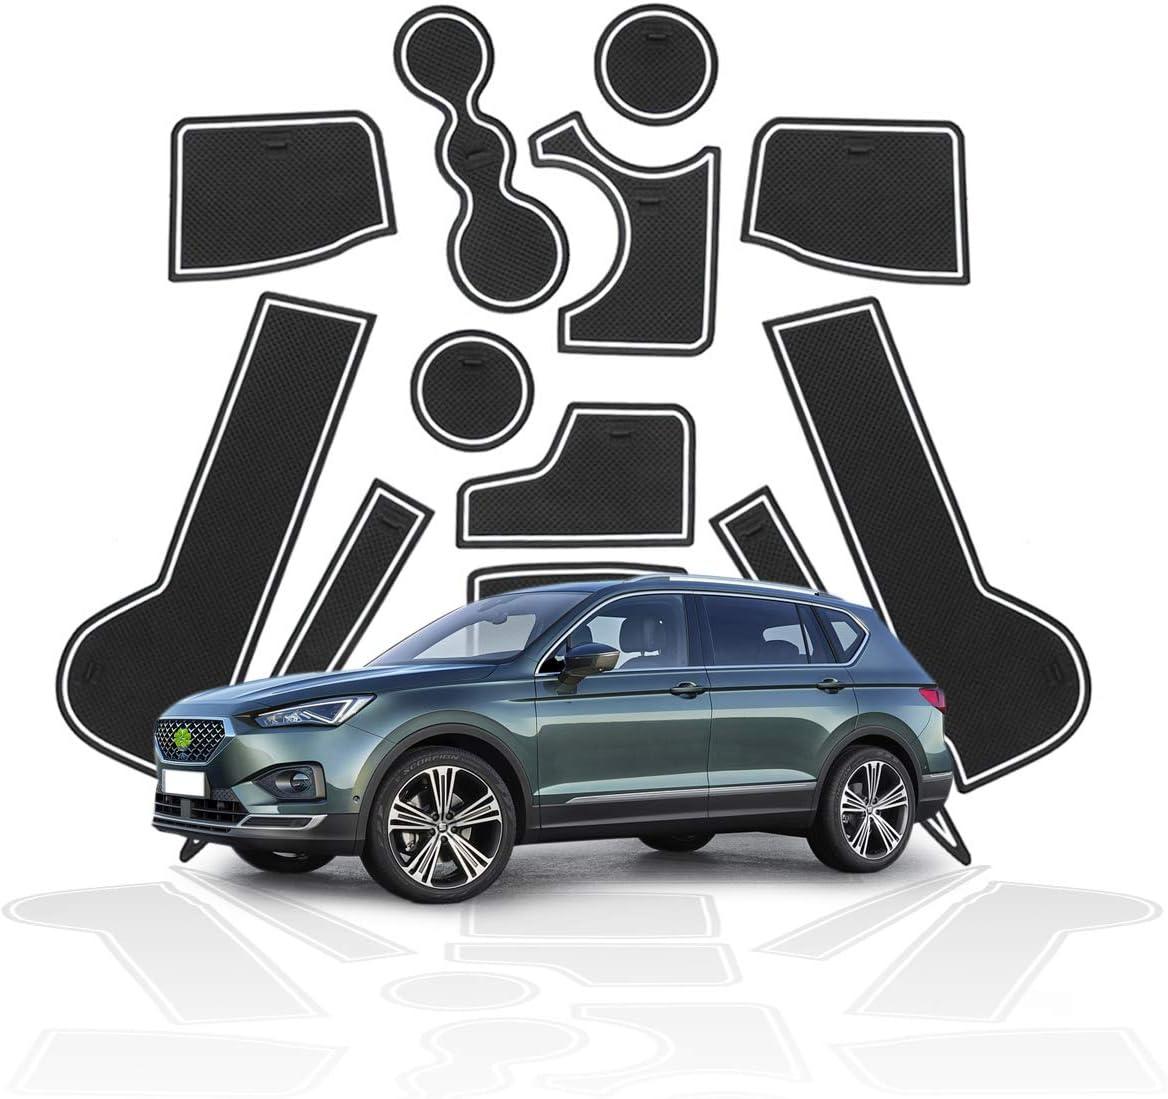 RUIYA rutschfest Auto Innere T/ürschlitz Arm Box Aufbewahrung Matten Pads f/ür 2019 2020 Seat Tarraco Schalen-Matte Tor-Schlitz-Auflage Automobildekoration mit Logo 5 Pl/ätze Anti-Staub- Rot